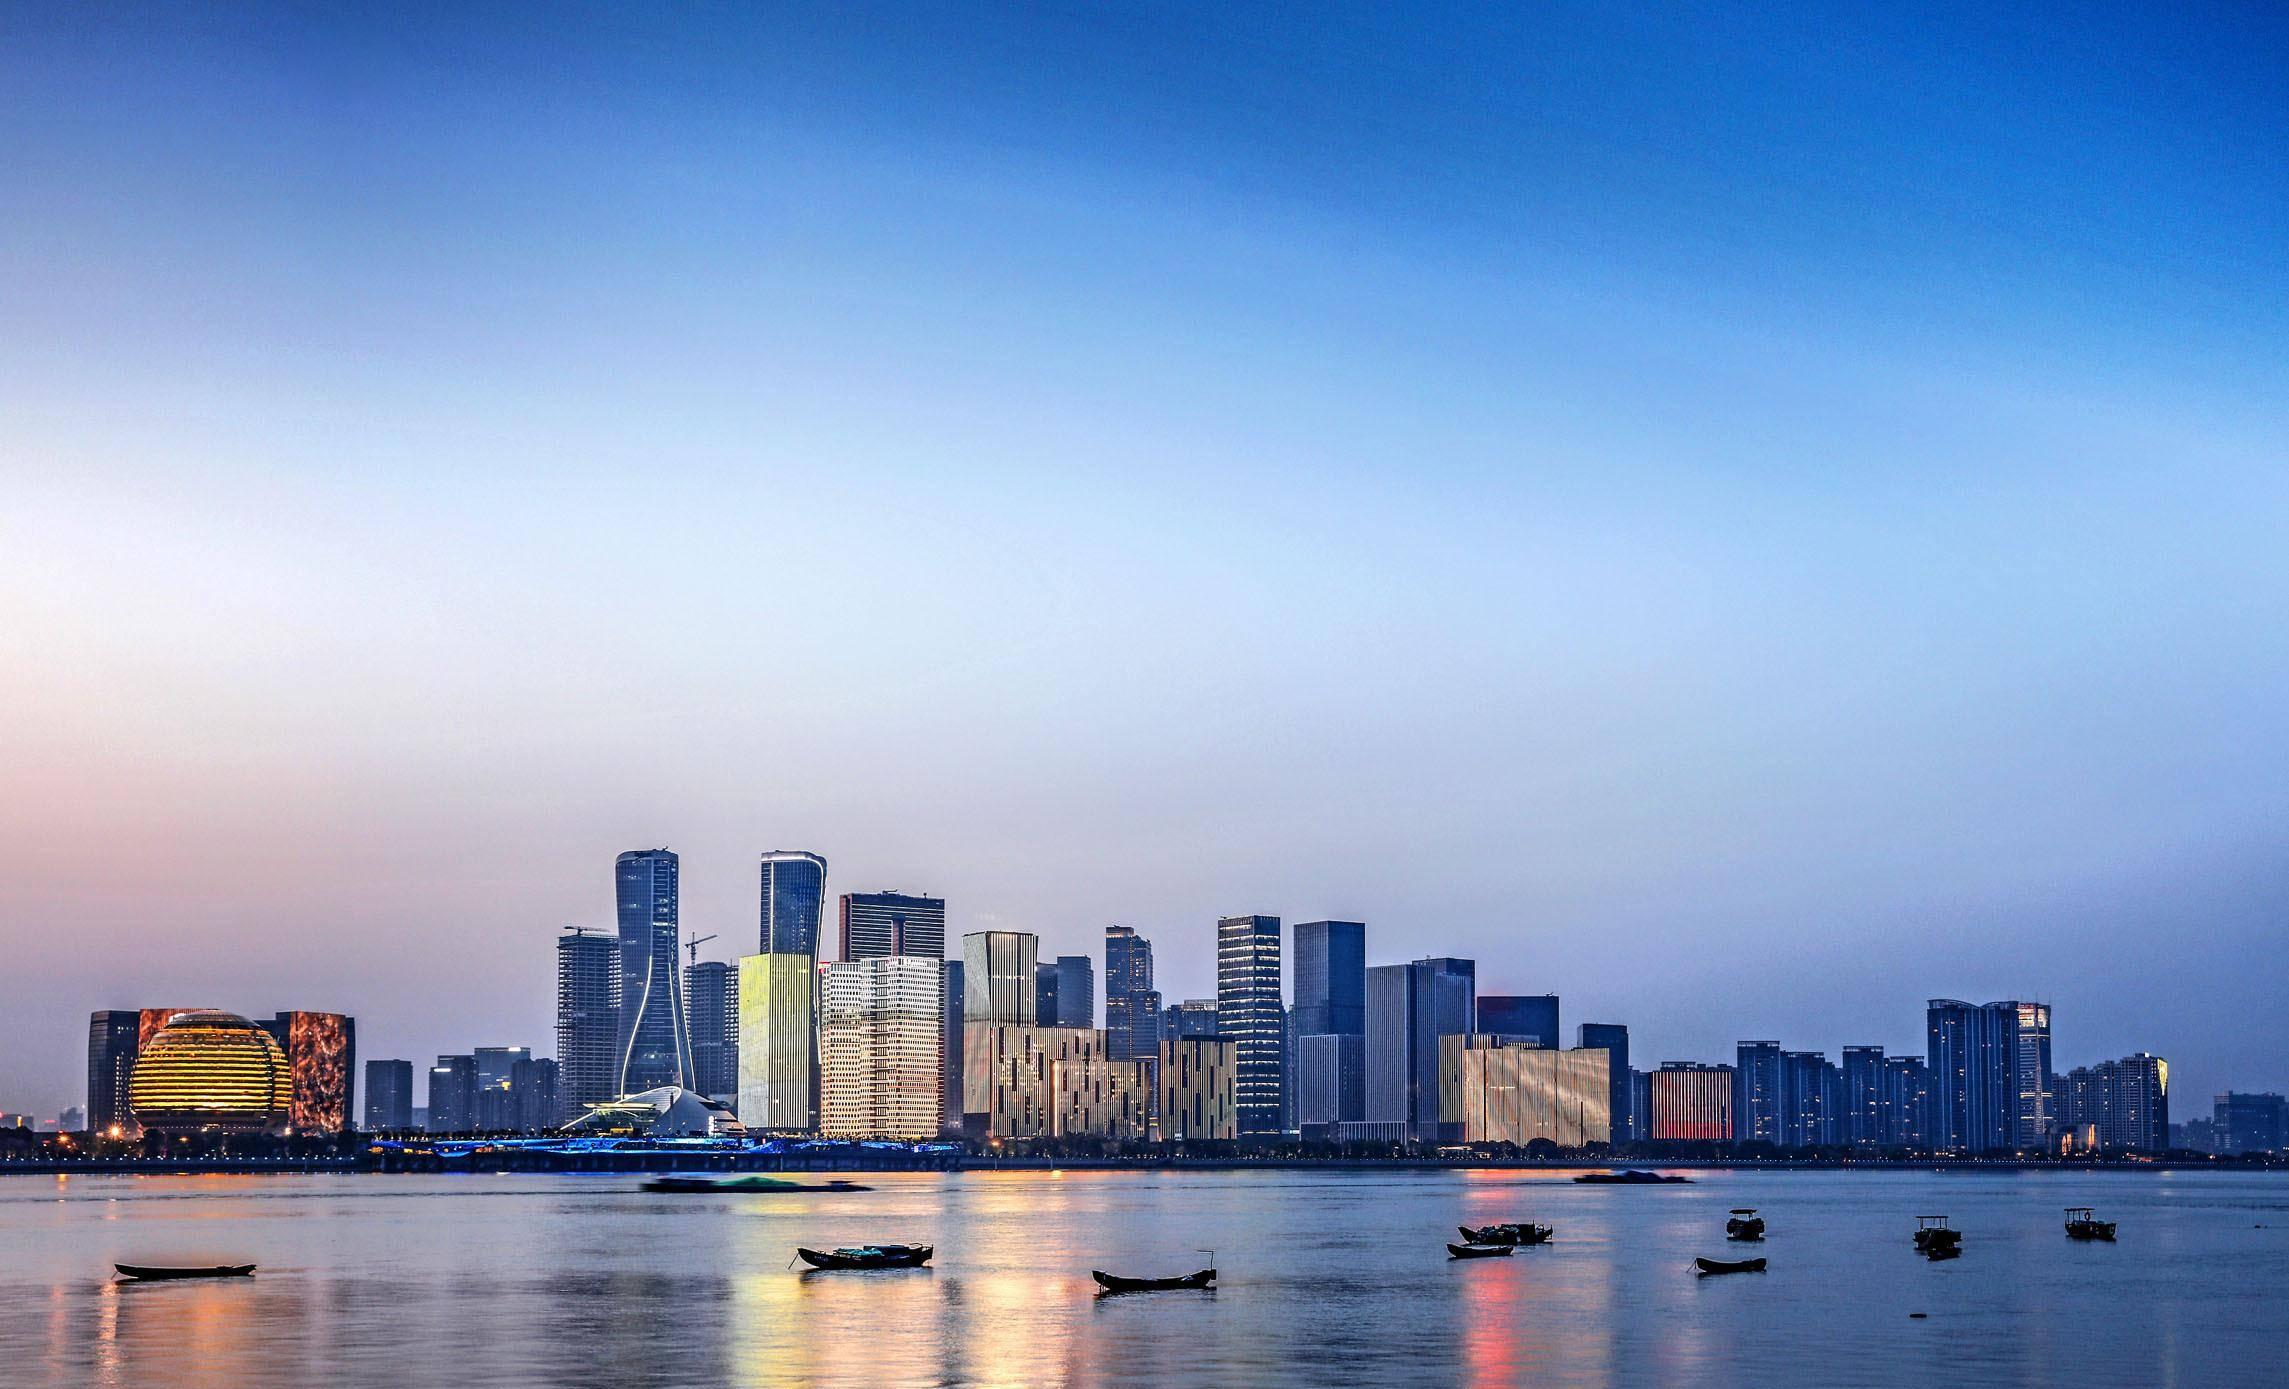 杭州正式入秋 2020年国庆节杭州穿几件衣服天气如何?